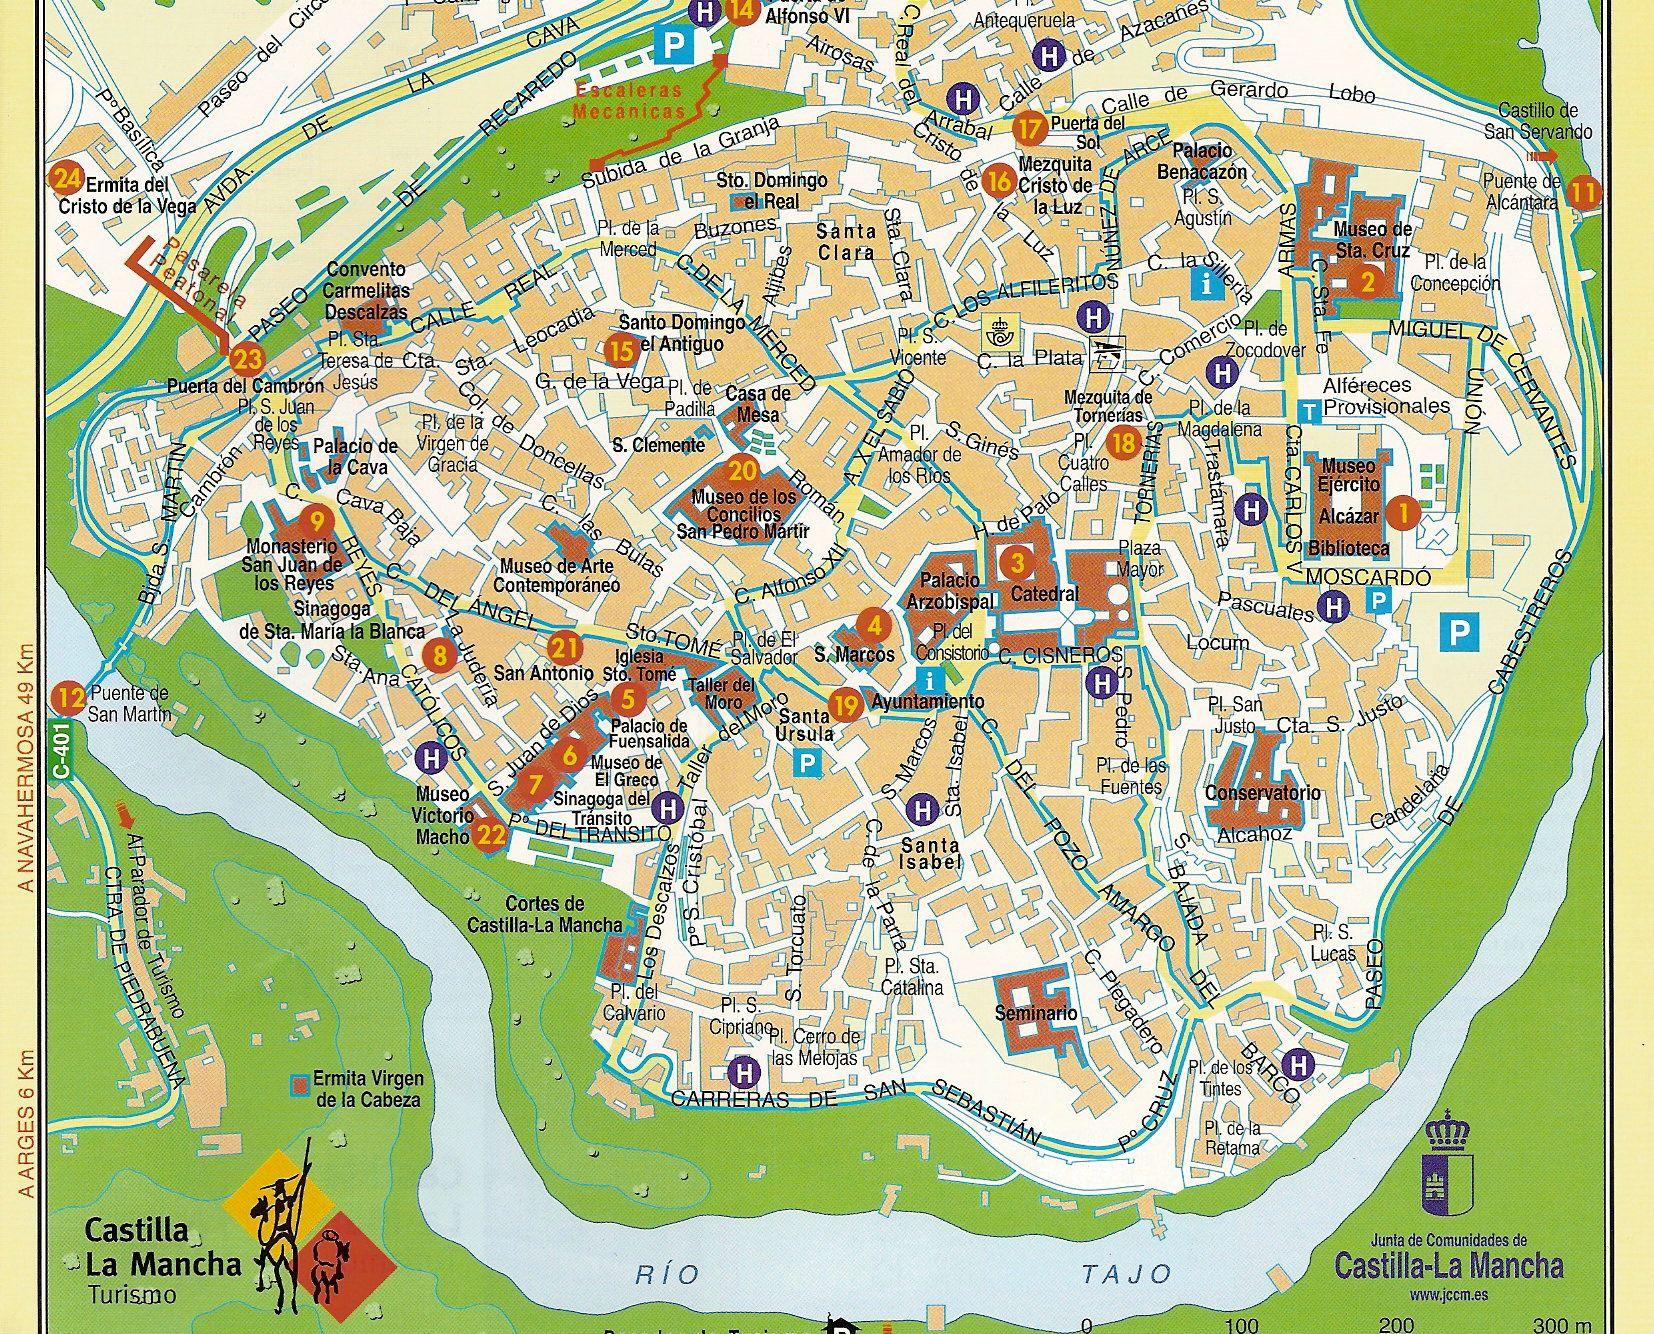 Toledo Mapa Turistico Buscar Con Google Mapa Turistico Mapa